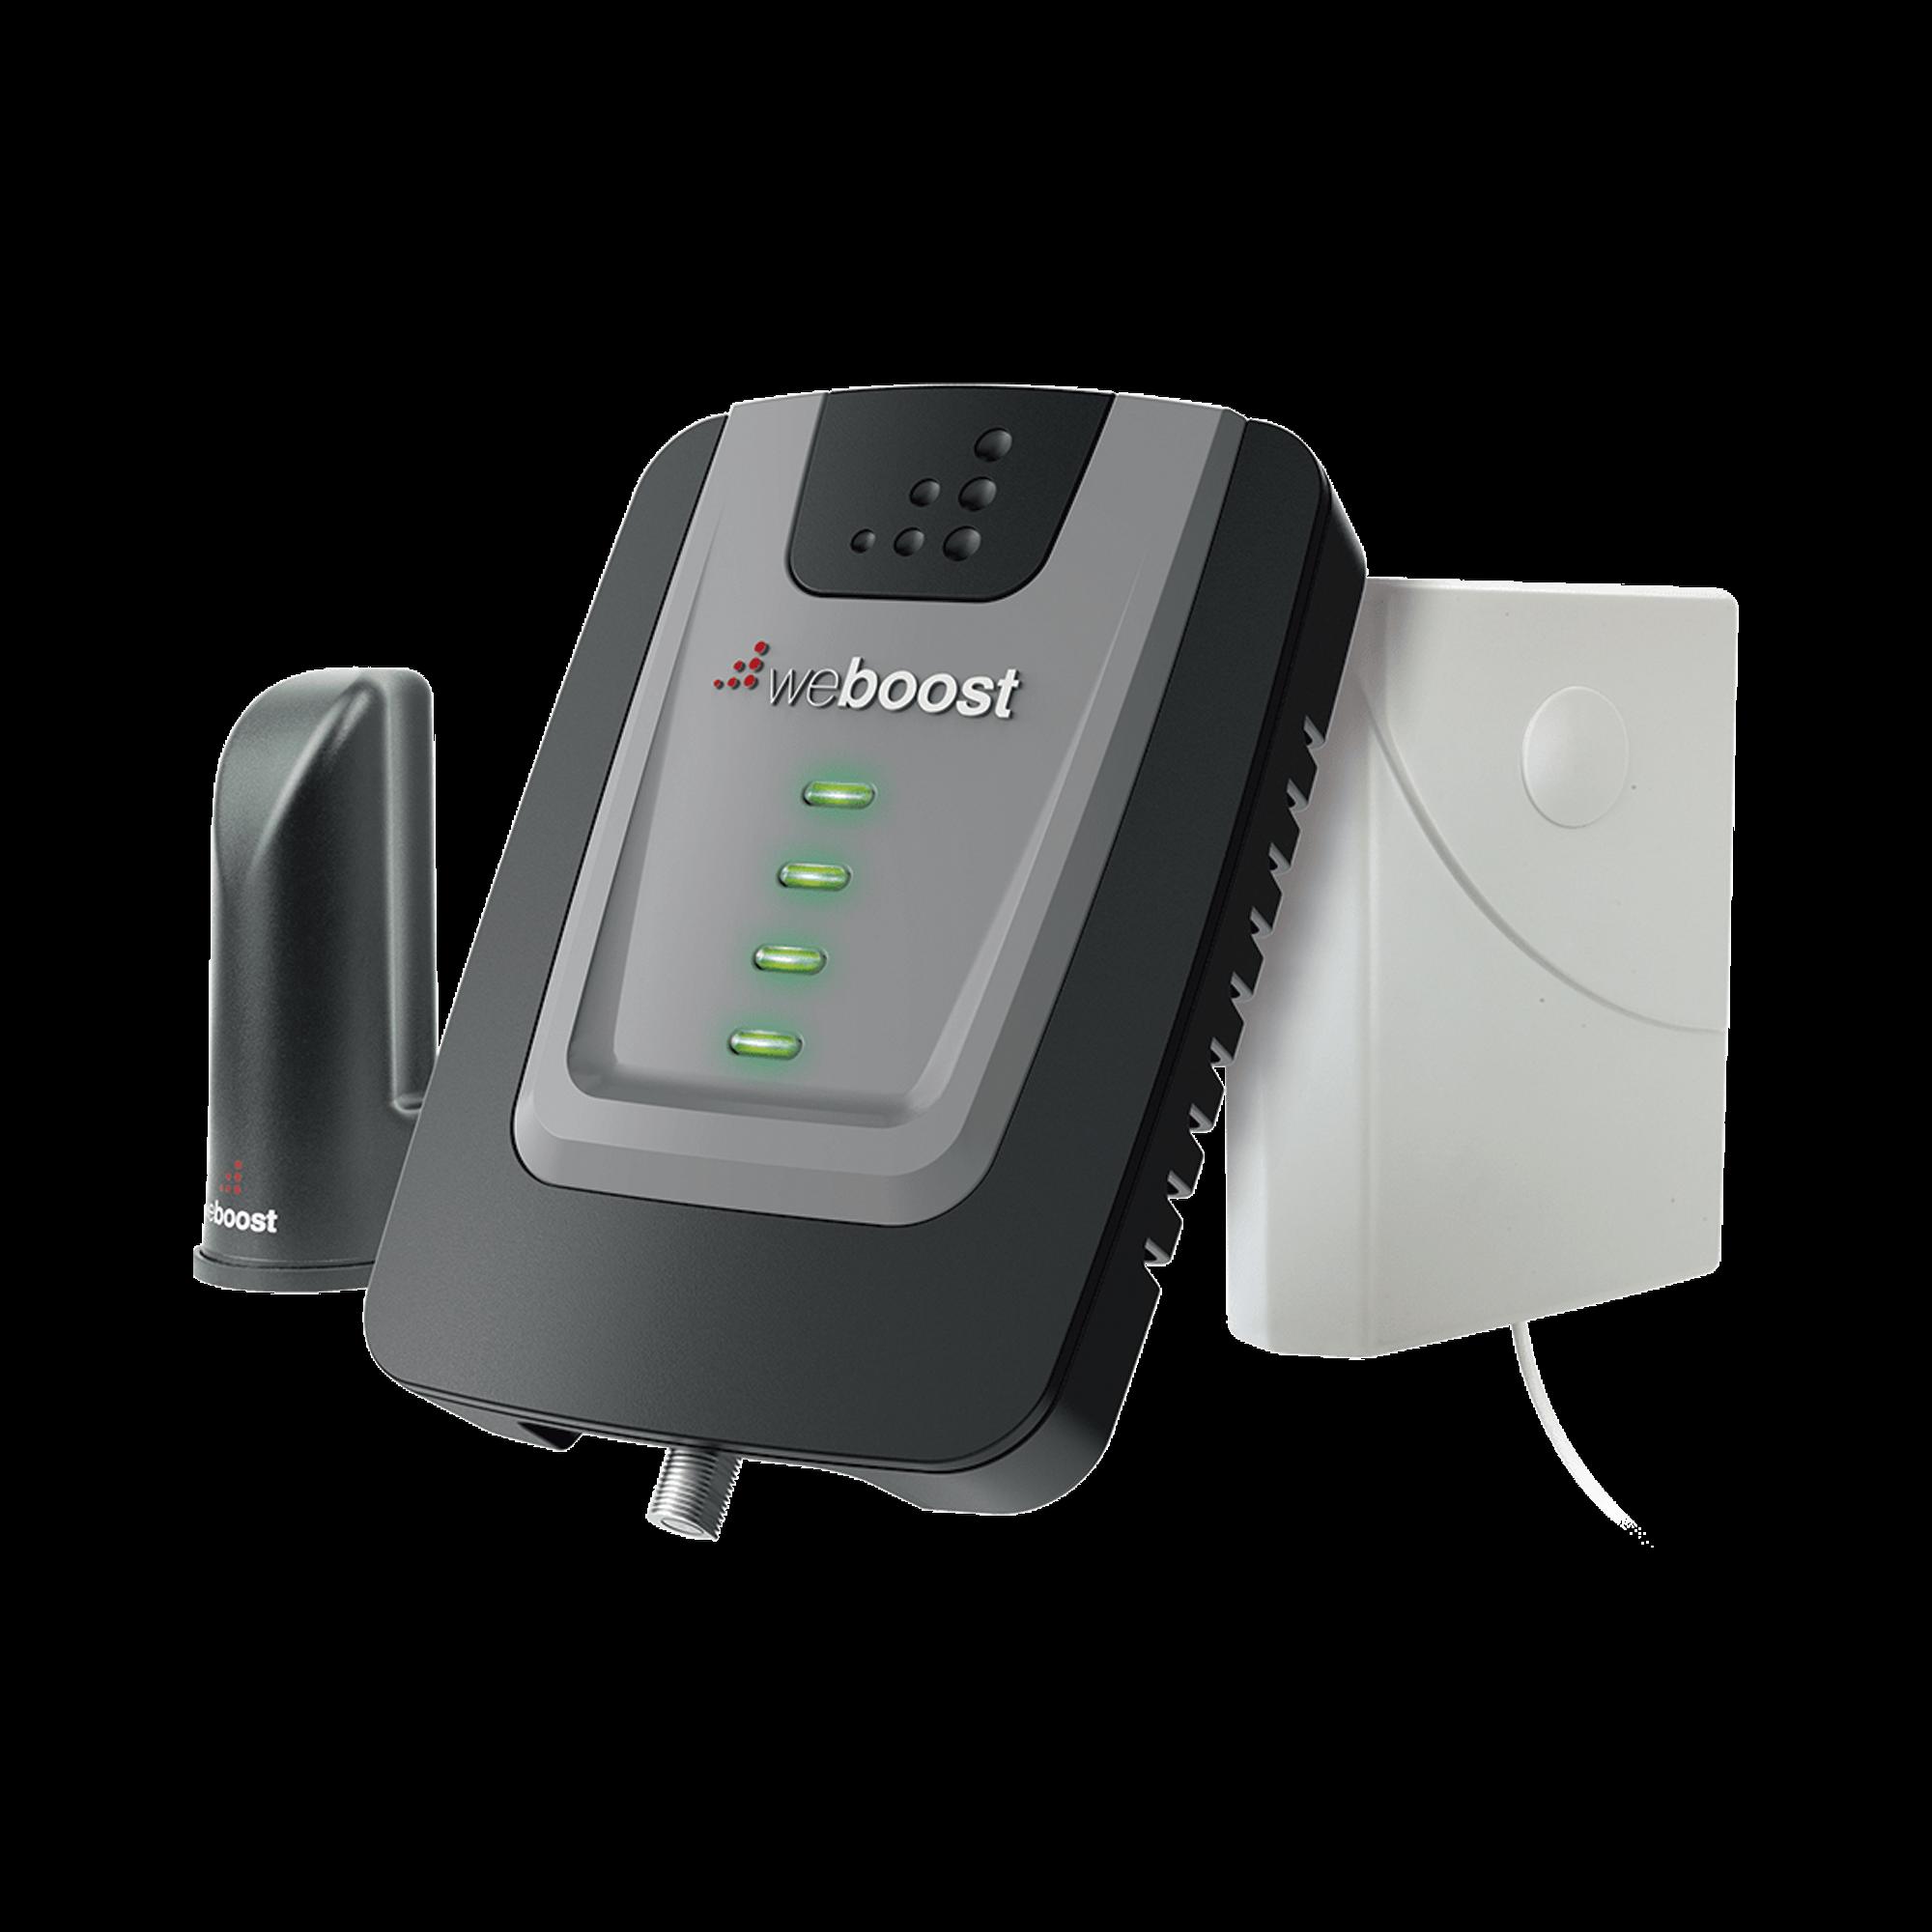 KIT de Amplificador de Señal Celular Home Room, especial para Datos 4G LTE, 3G y Voz. Mejora la señal en áreas de hasta 140 metros cuadrados.